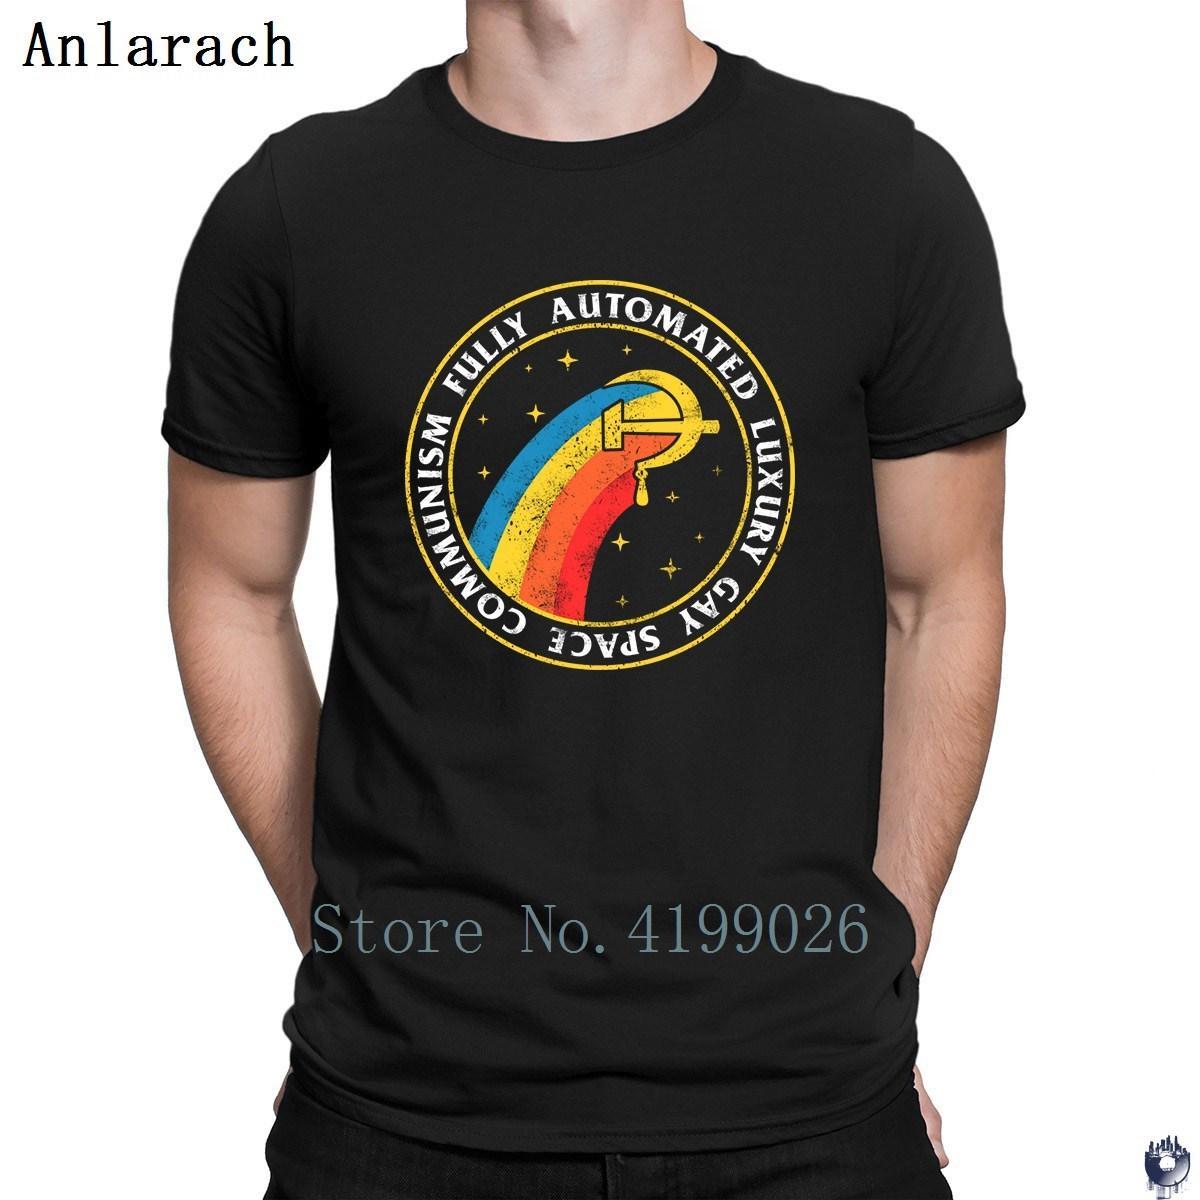 Völlig Street T-Shirt für Männer Pop-Spitze T Hot verkaufen Russische CCCP T-Shirt Automatisiertes Luxus Homosexuell Raum Kommunismus T-Shirt erstellen